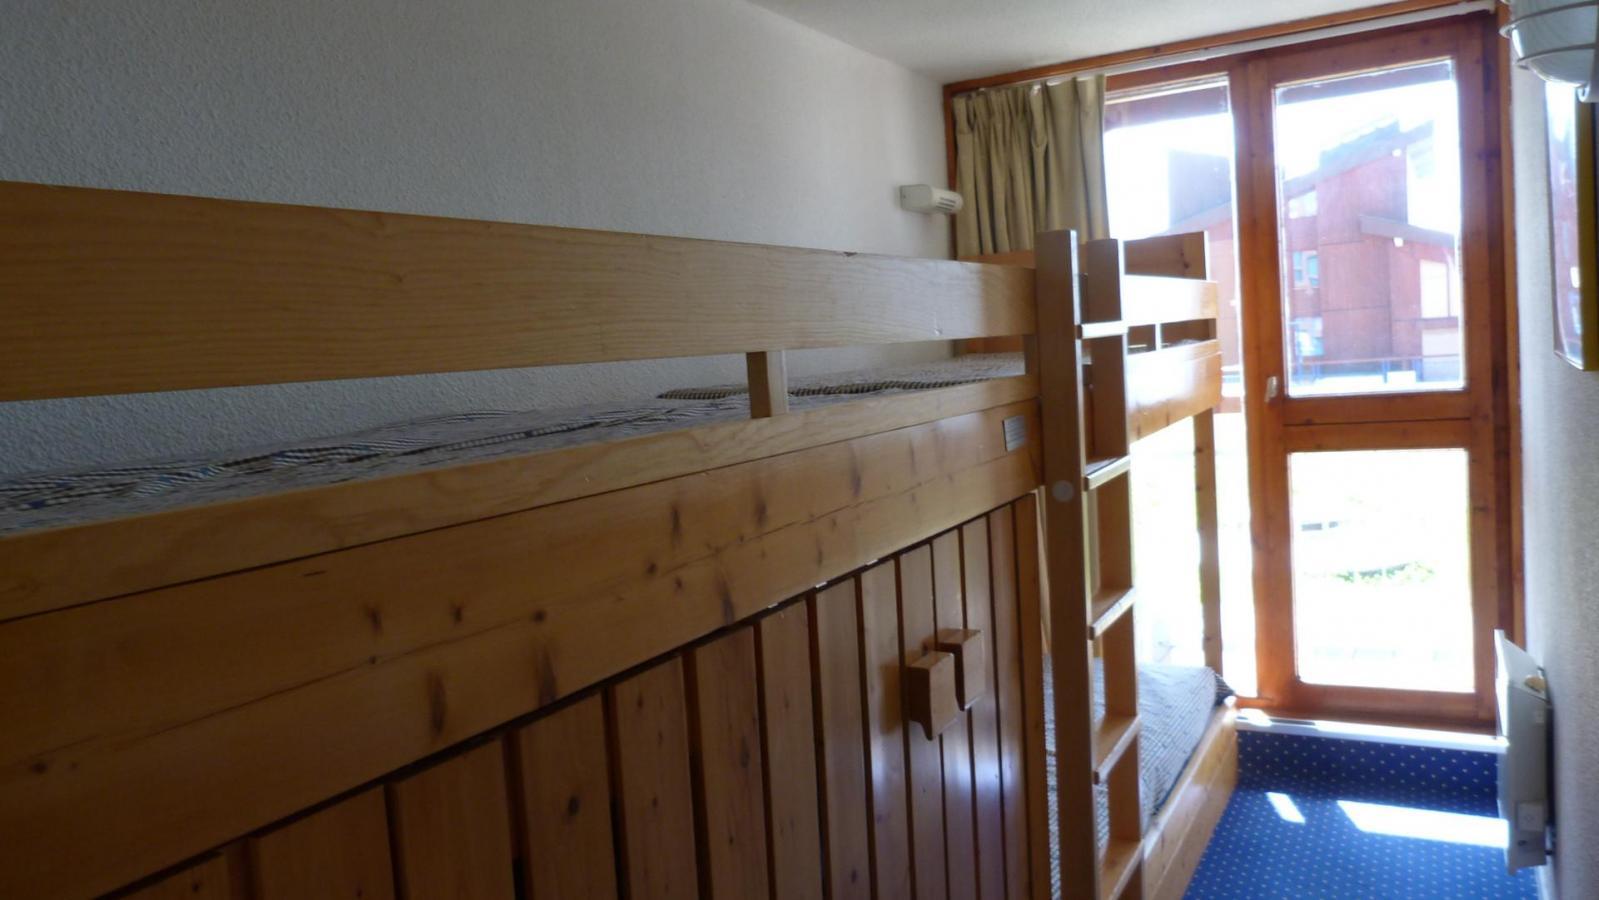 Location au ski Appartement 2 pièces 5 personnes (010) - Residence Les Tournavelles - Les Arcs - Extérieur hiver